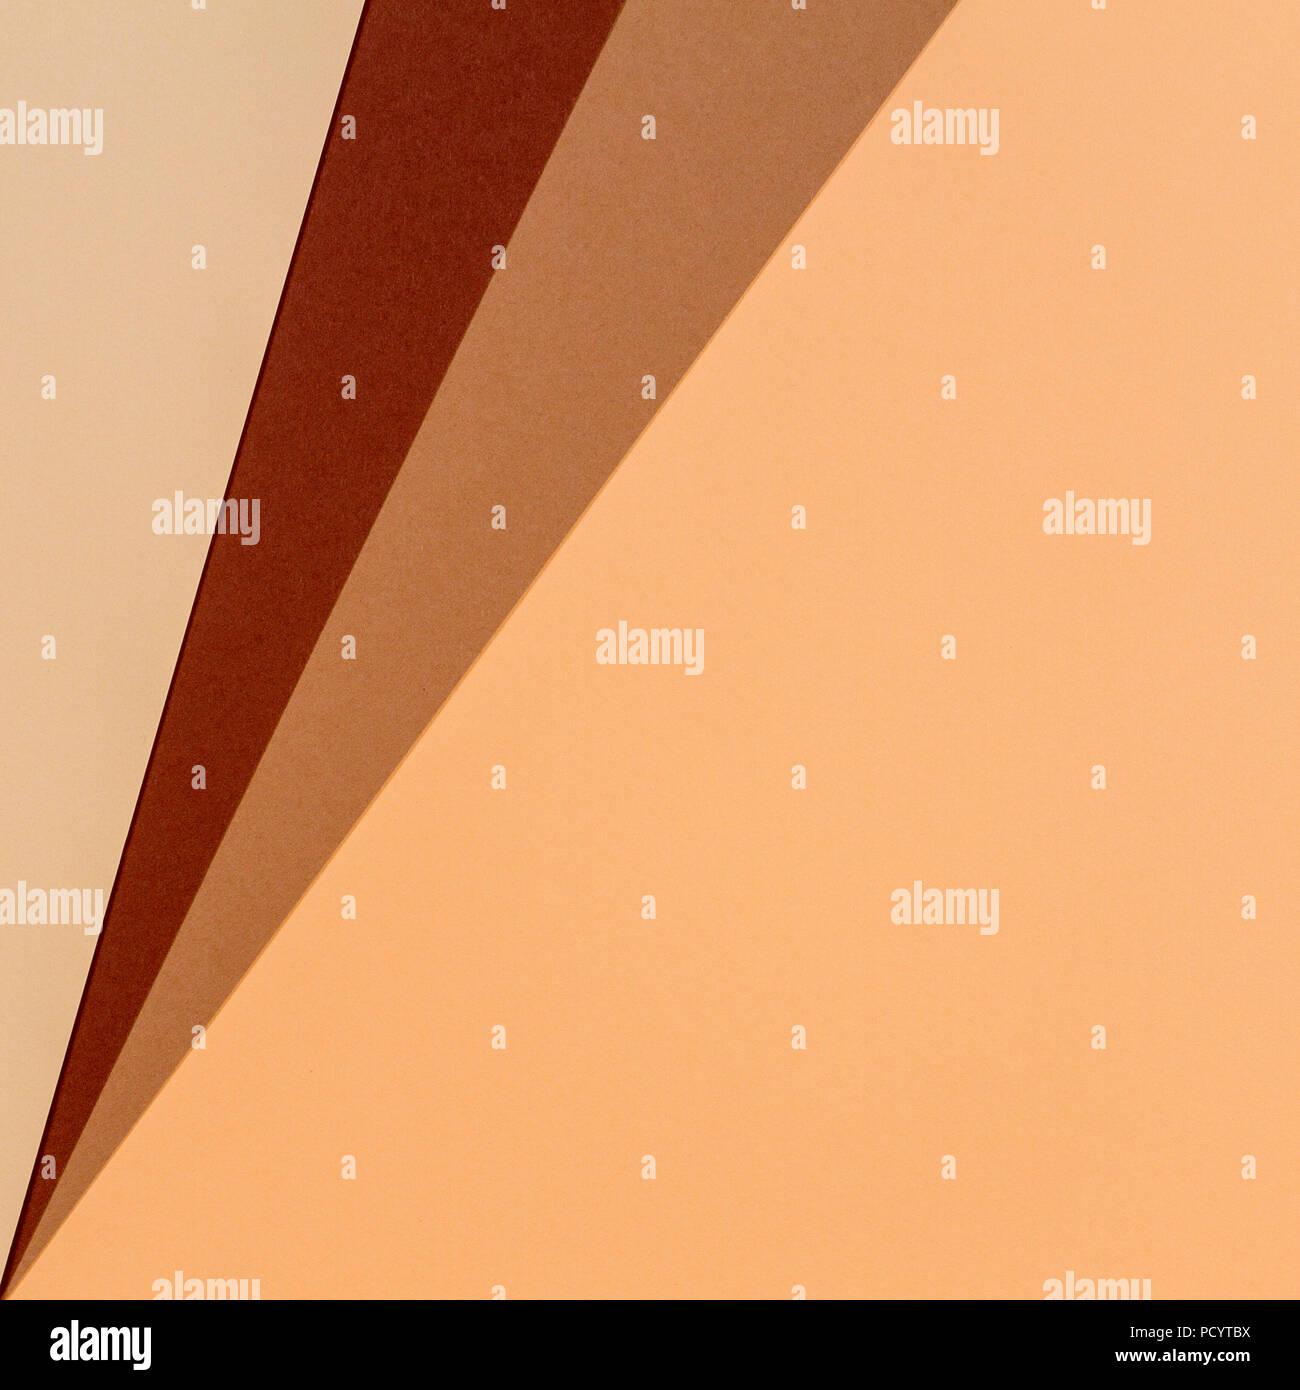 Farbe Papiere Geometrie Zusammensetzung Hintergrund In Beige Und